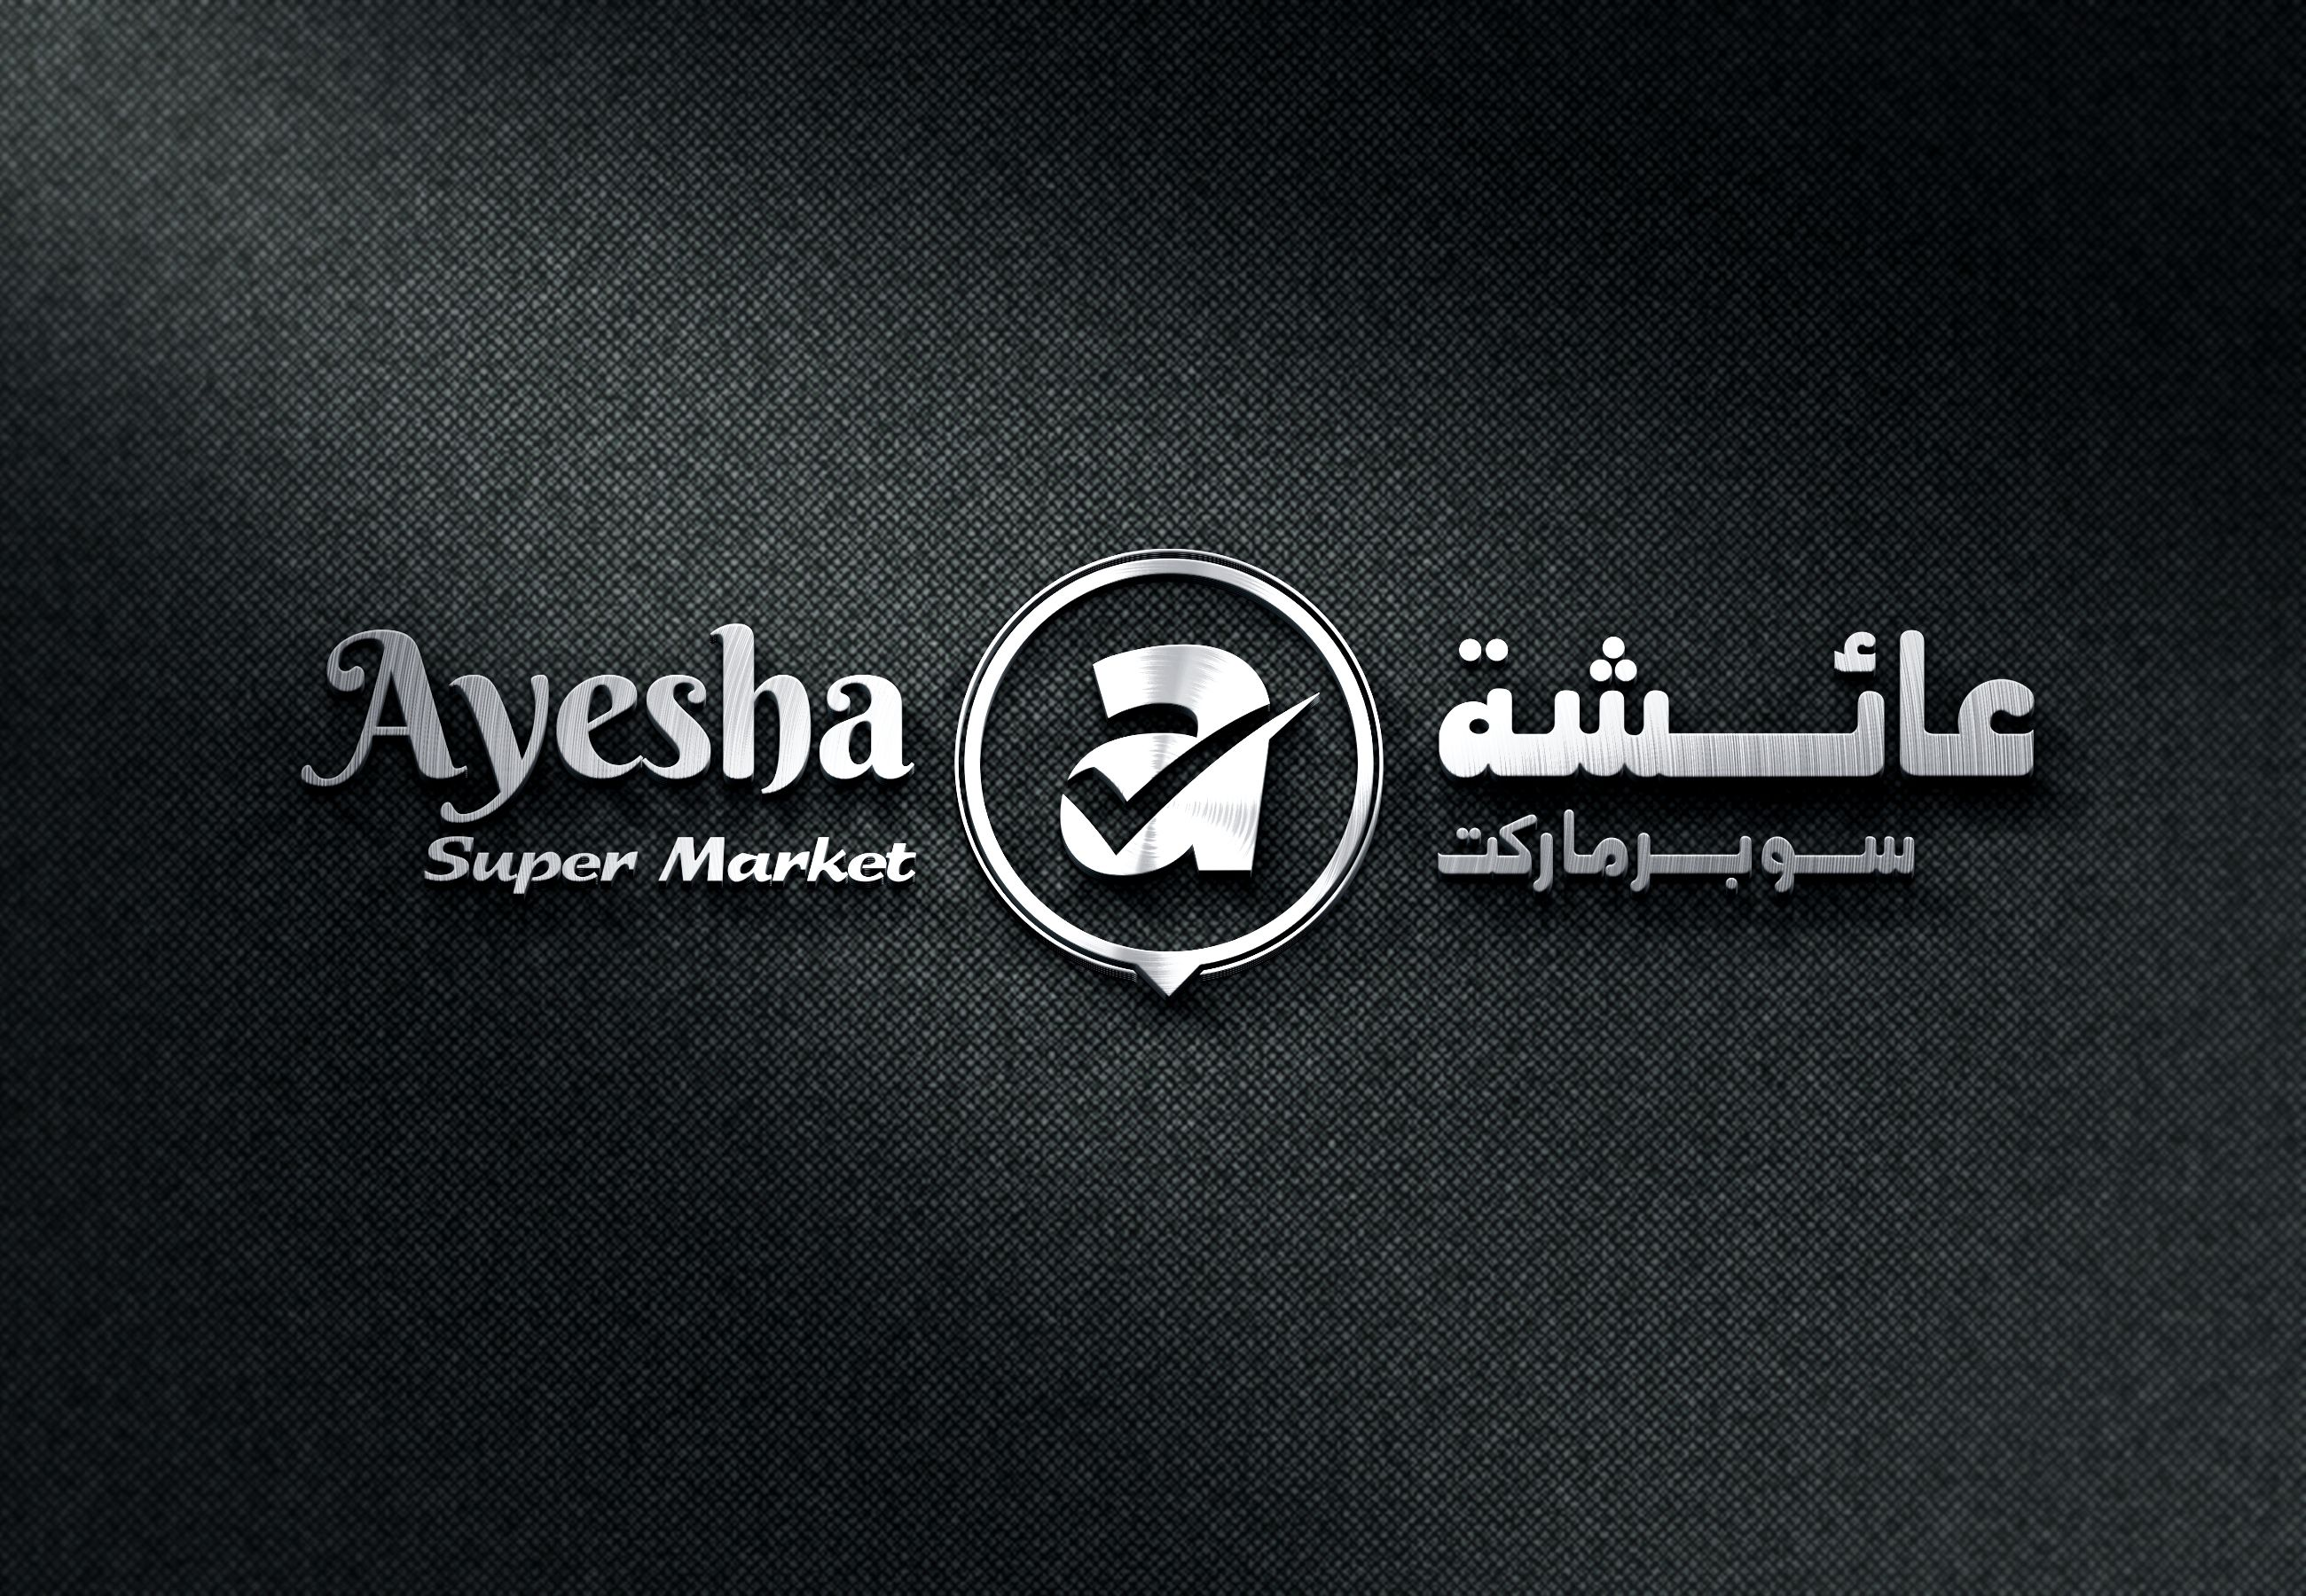 Logo Design For Ayesha Super Market Logo Design Logo Design Services 3d Logo Design